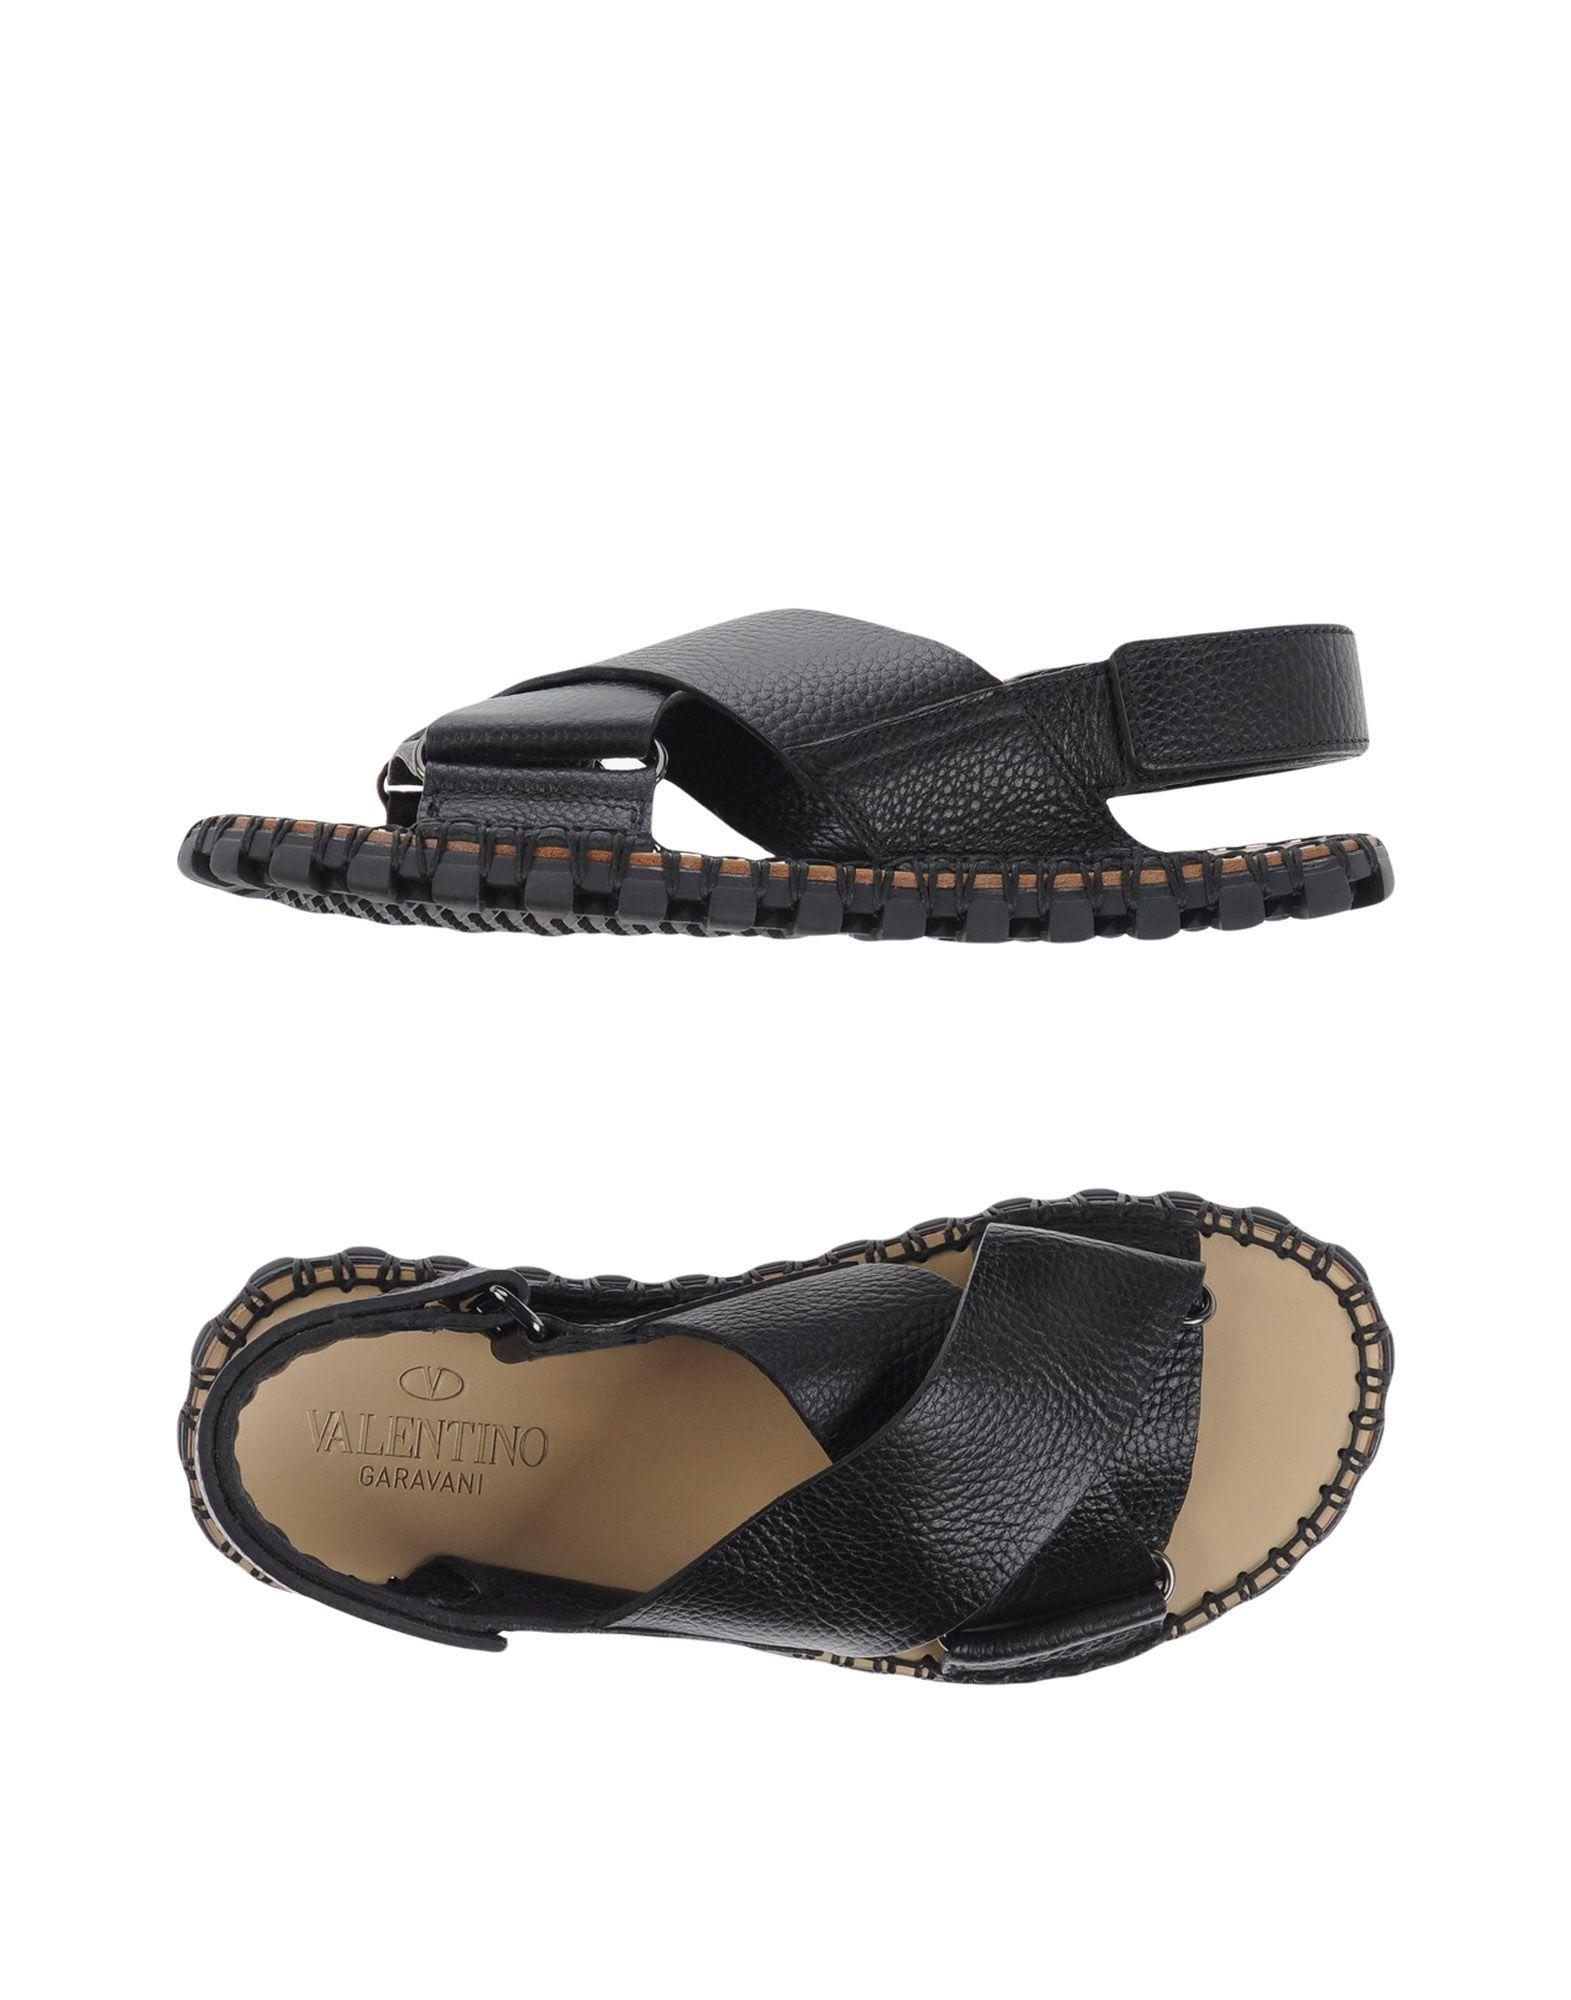 Valentino 11151919TP Garavani Sandalen Herren  11151919TP Valentino Gute Qualität beliebte Schuhe 20ca75